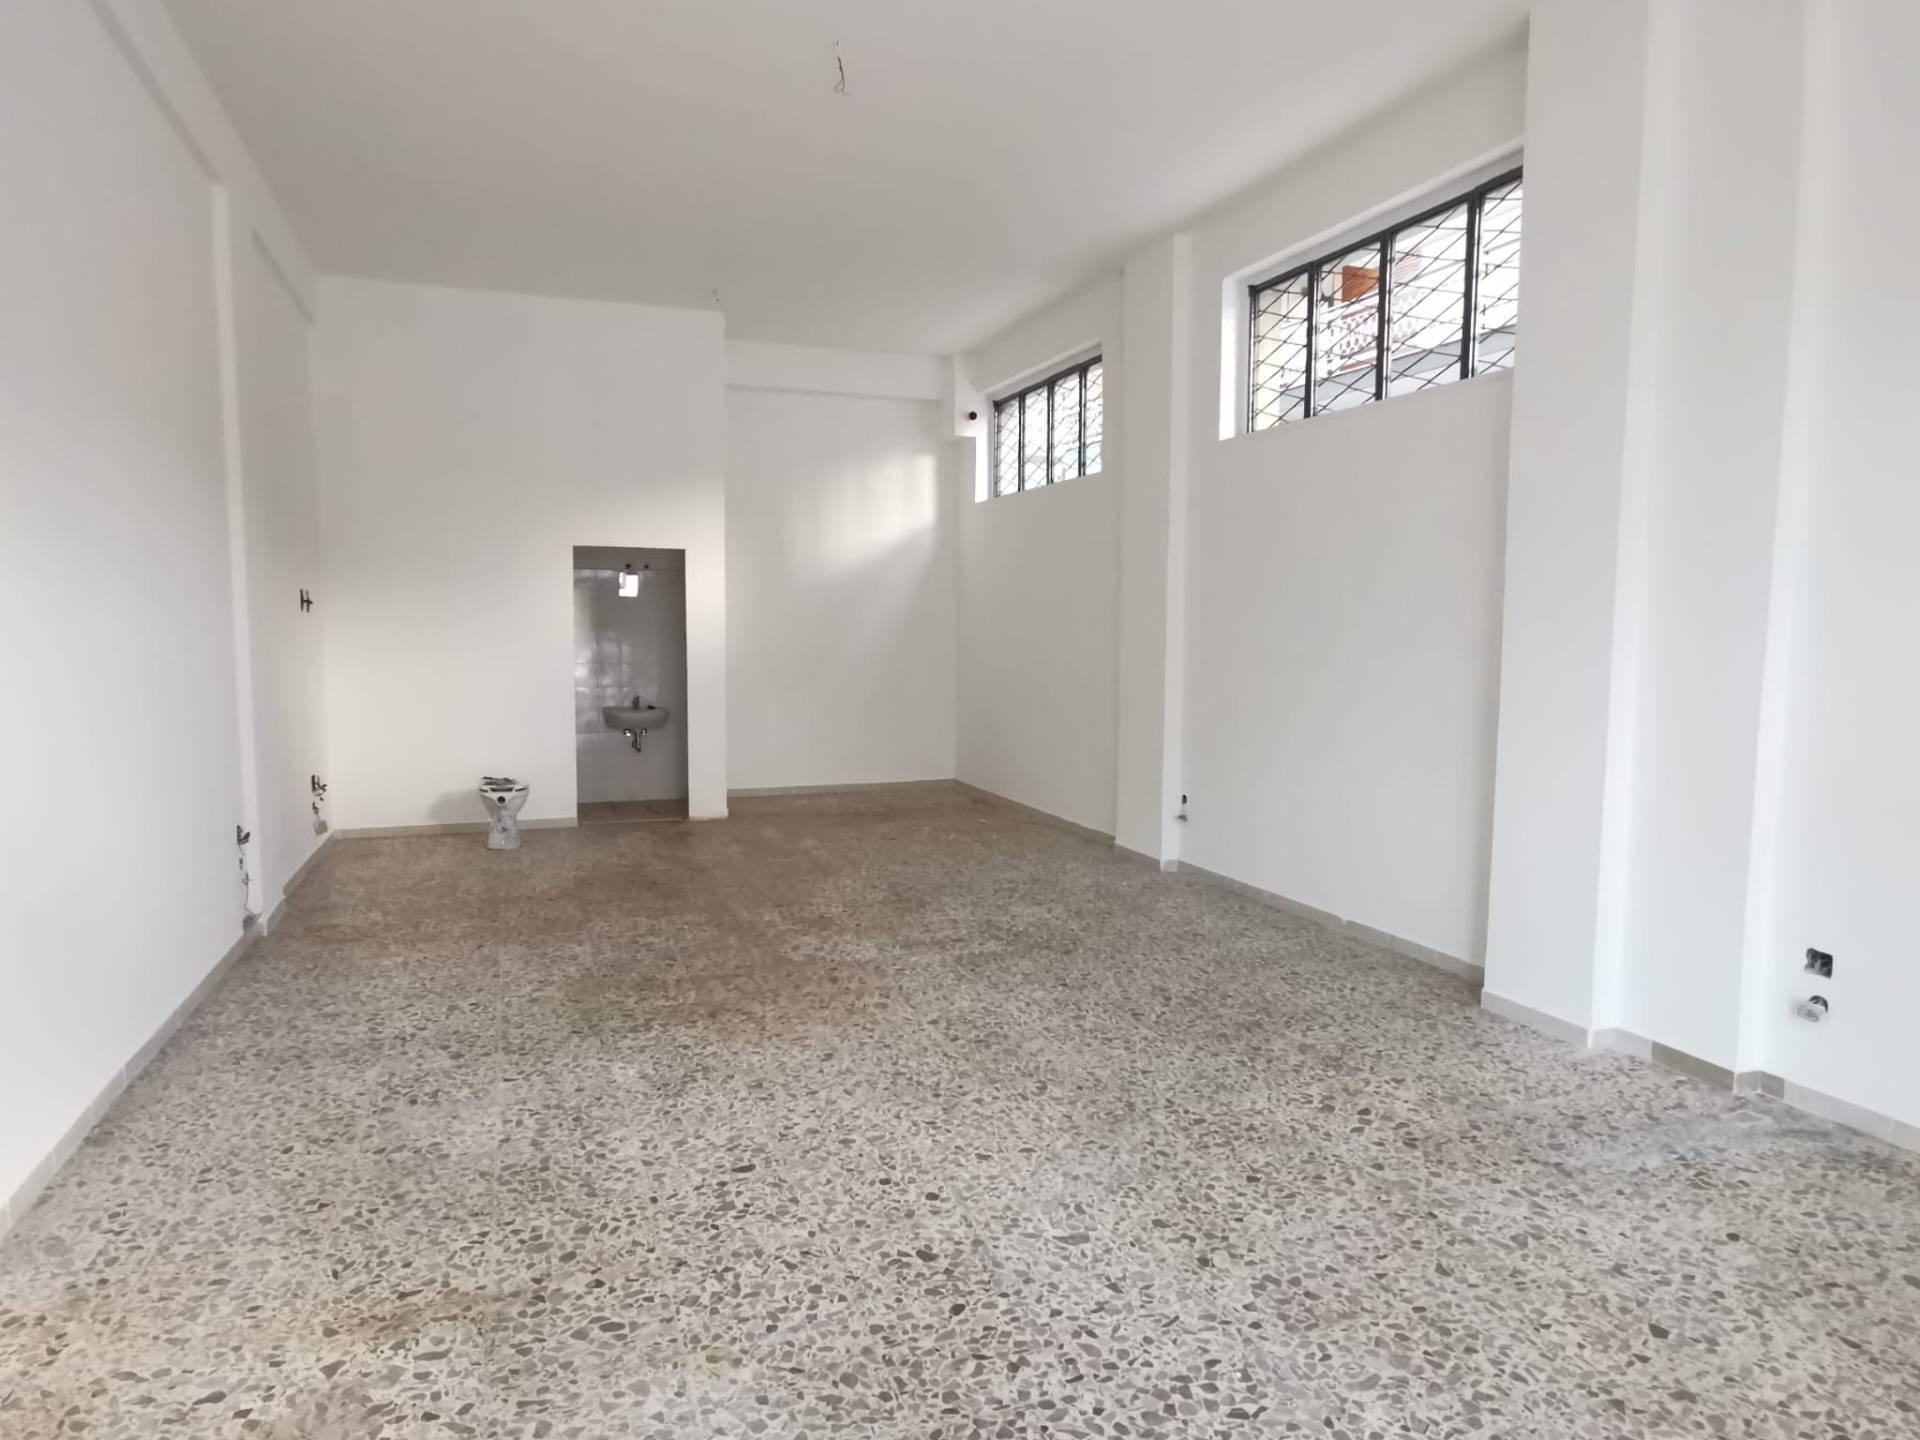 Negozio / Locale in affitto a Benevento, 9999 locali, zona Località: Libert?, prezzo € 500 | CambioCasa.it